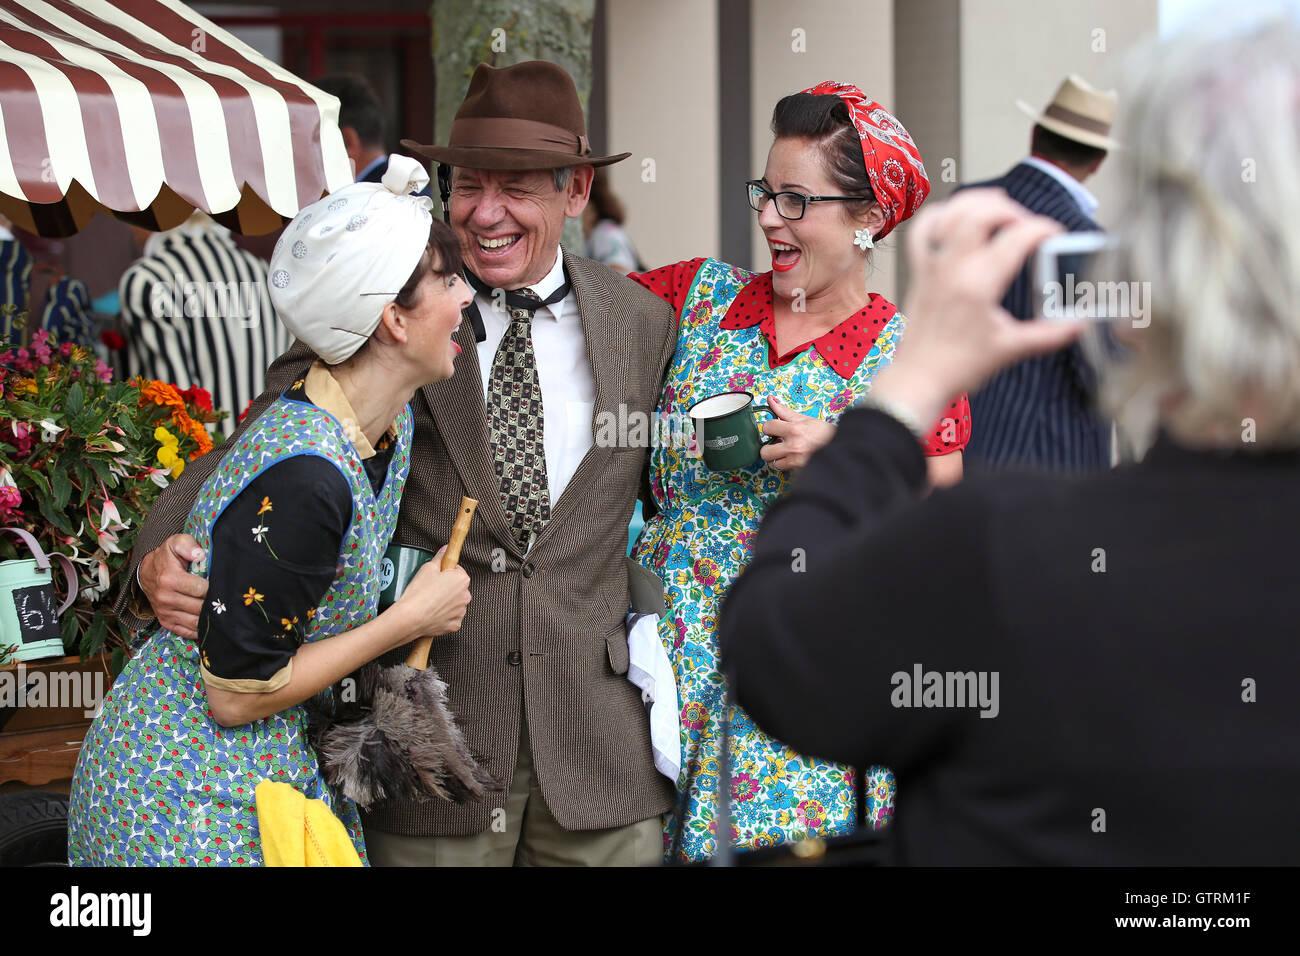 Chichester, UK. 09. Sep, 2016. Vintage Kleid und Akteure. Das Goodwood Revival ist eine dreitägige Festival Stockbild